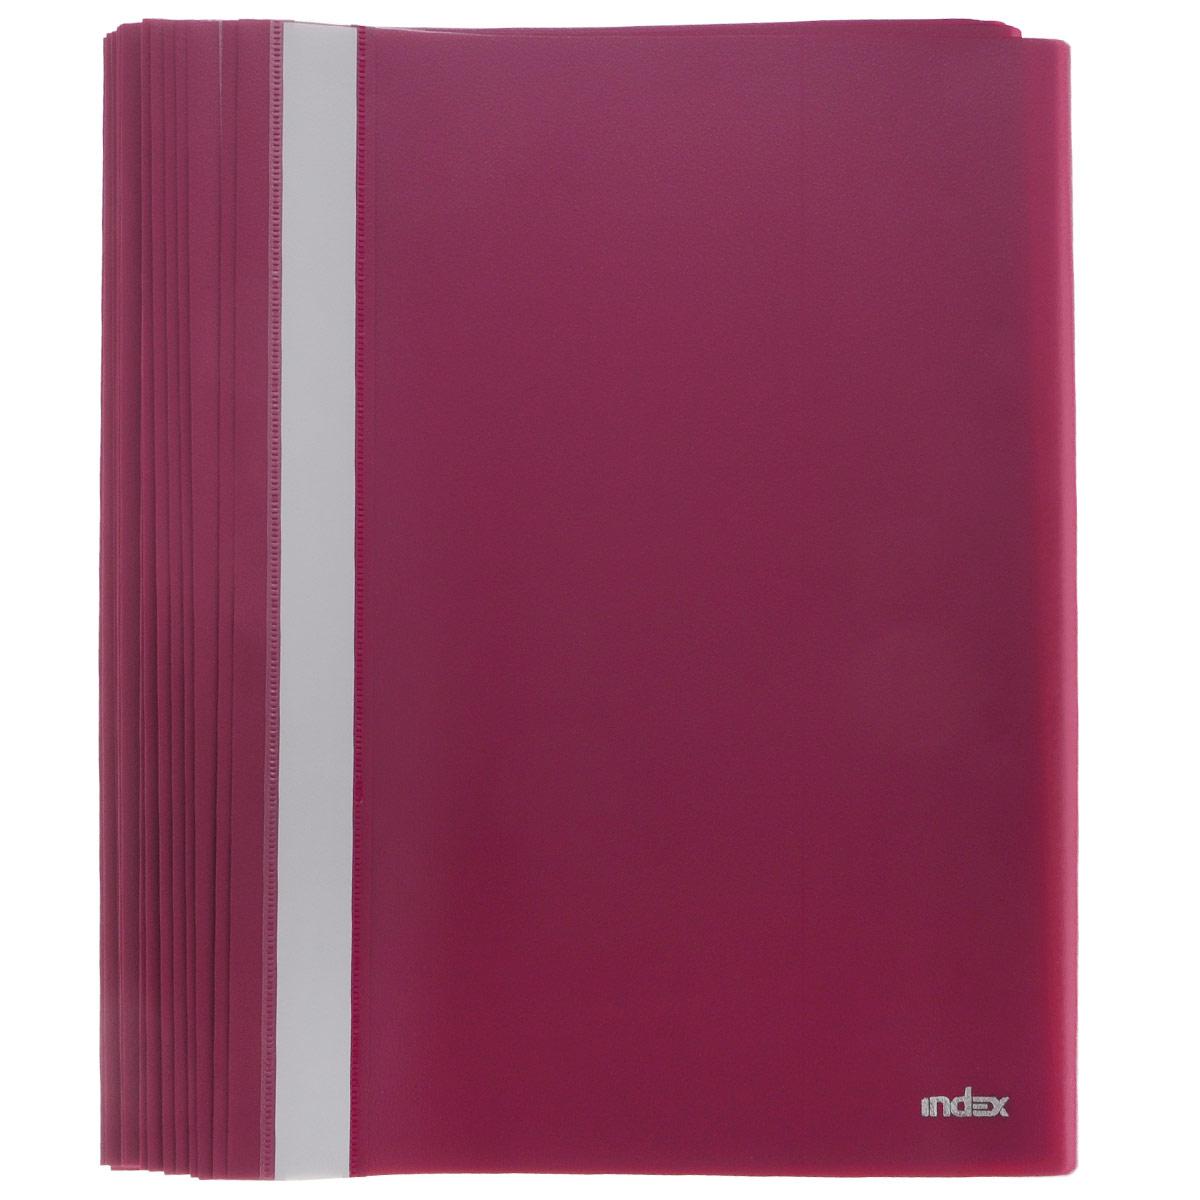 Папка-скоросшиватель Index, цвет: бордовый. Формат А4, 20 штFS-36054Папка-скоросшиватель Index, изготовленная из высококачественного полипропилена, это удобный и практичный офисный инструмент, предназначенный для хранения и транспортировки рабочих бумаг и документов формата А4. Папка оснащена верхним прозрачным матовым листом и металлическим зажимом внутри для надежного удержания бумаг. В наборе - 20 папок.Папка-скоросшиватель - это незаменимый атрибут для студента, школьника, офисного работника. Такая папка надежно сохранит ваши документы и сбережет их от повреждений, пыли и влаги.Комплектация: 20 шт.